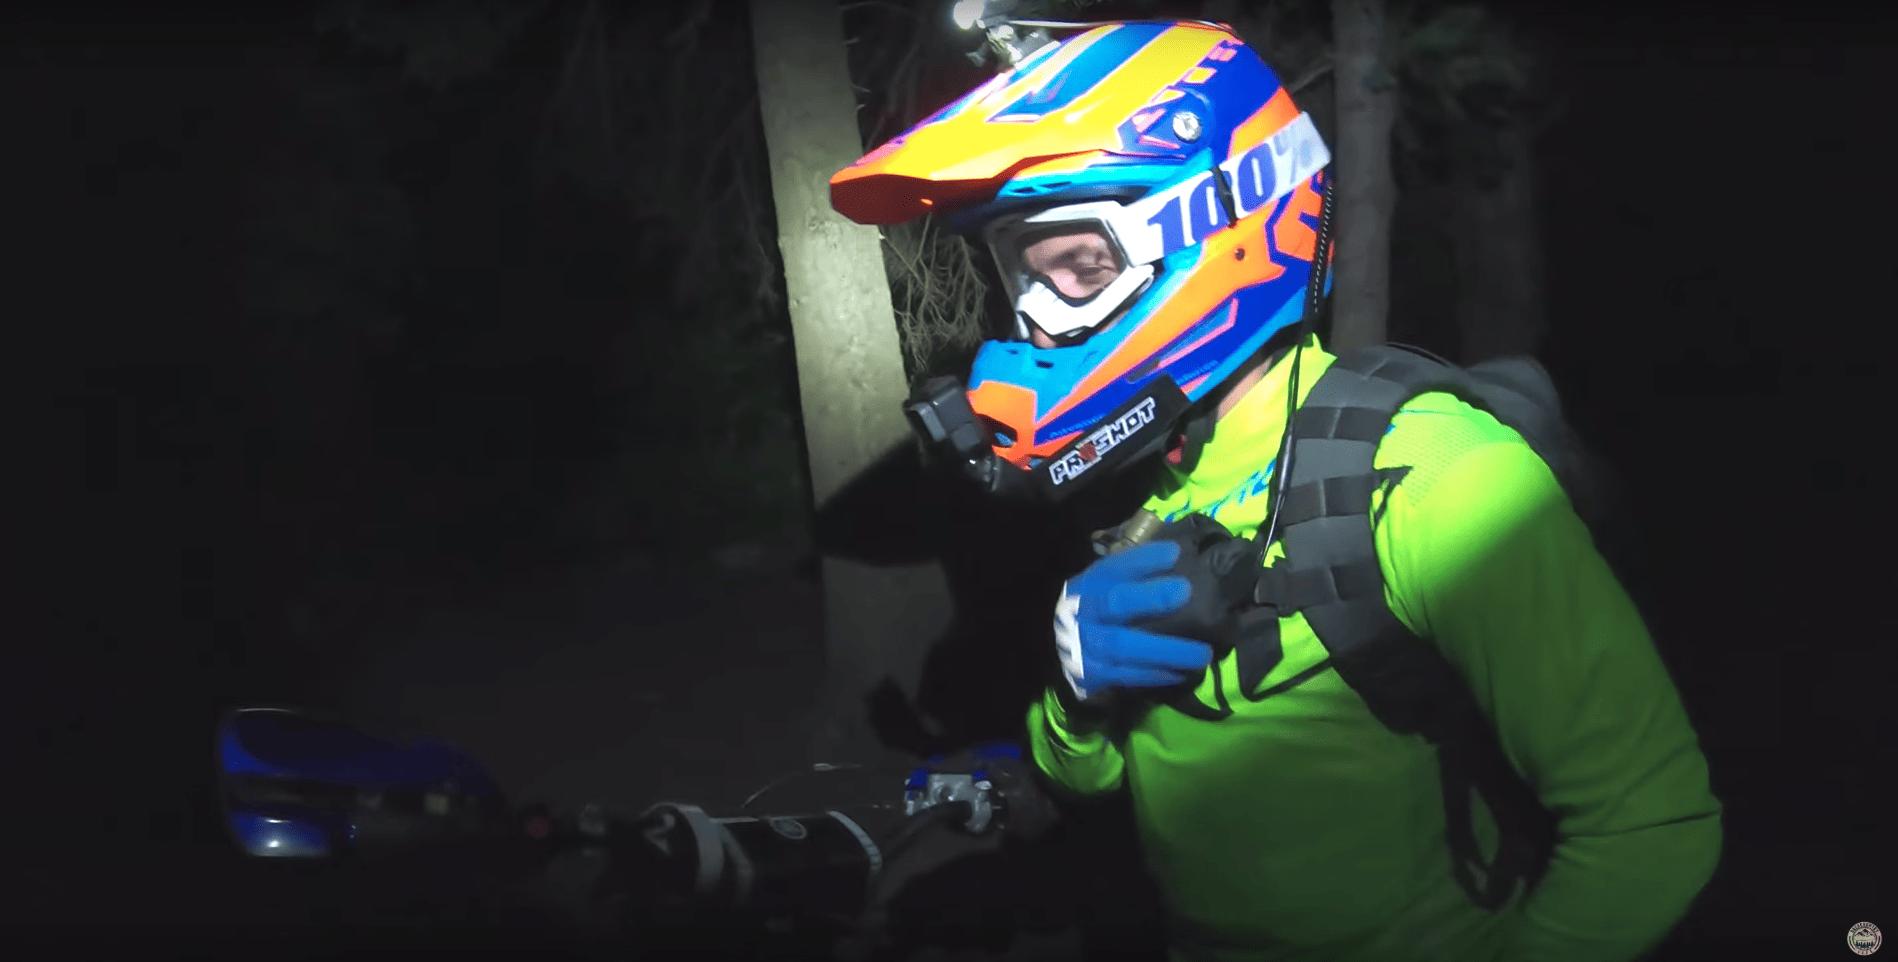 Oxbow helmet light kit